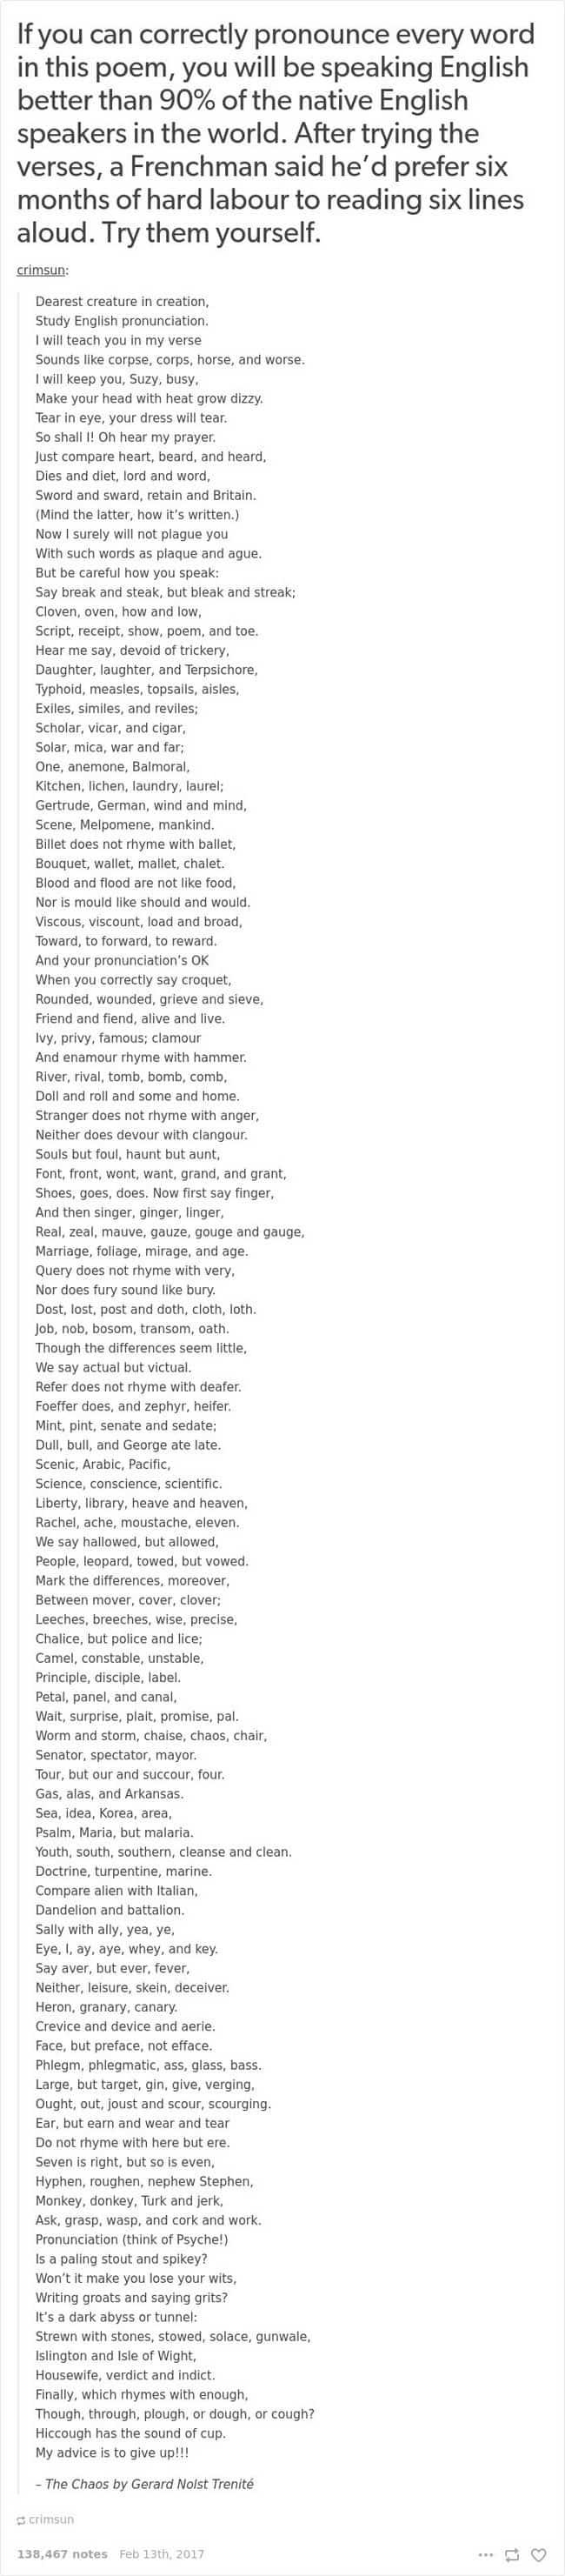 english language jokes poem